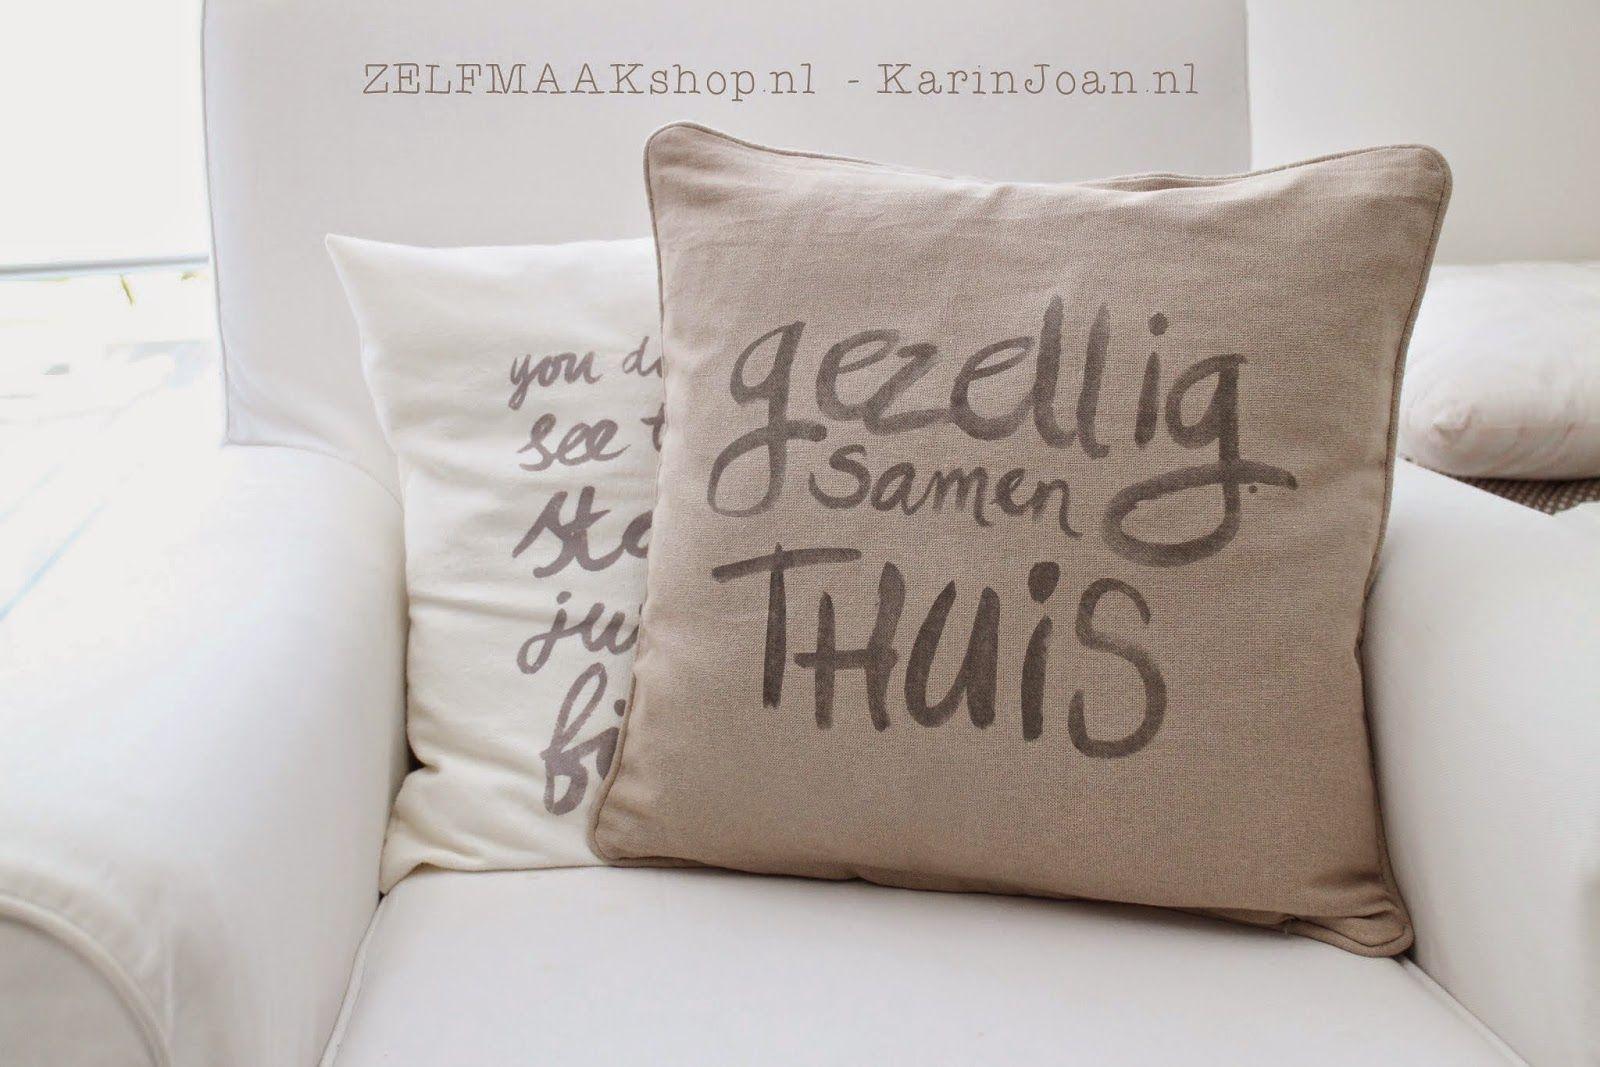 Van Dijk Kussens : Karin joan: tekst op kussen in 5 minuten?! ja echt! projecten om